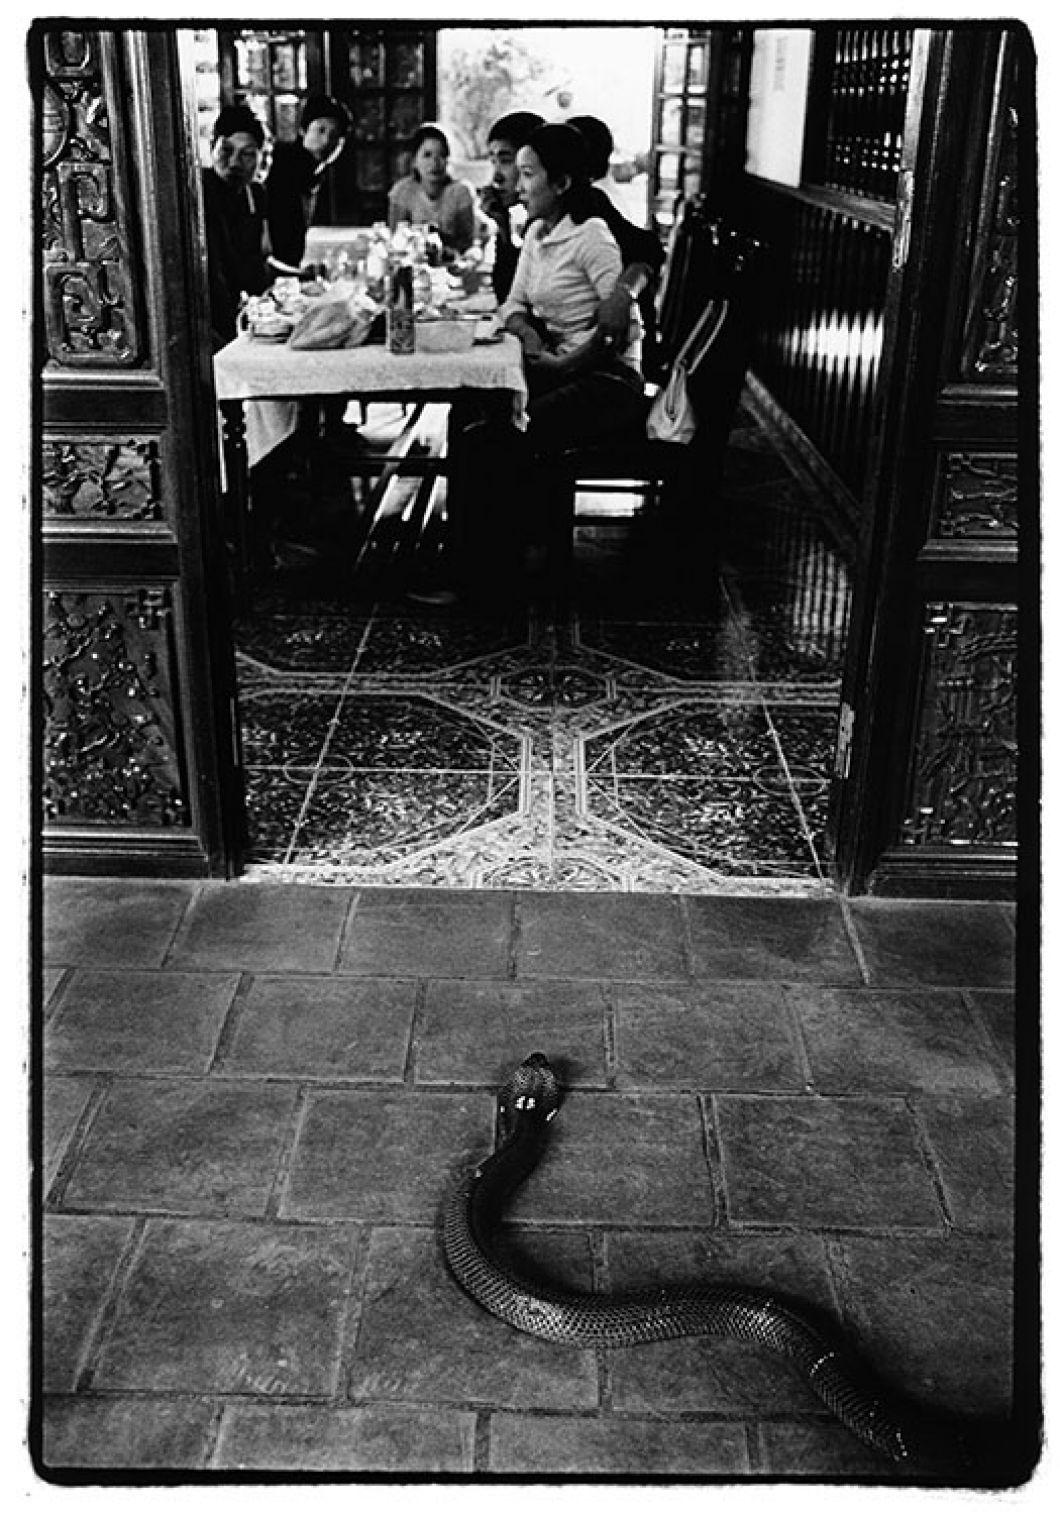 «On ne le voit pas mais à l'extérieur de l'image un homme excite les serpents pour les rendre agressifs. La famille attabléechoisit celui qu'elle veut manger. Lecœur, le sang et labile seront prélevés et consommés car la croyance populaire veut qu'ils augmentent la libido.»